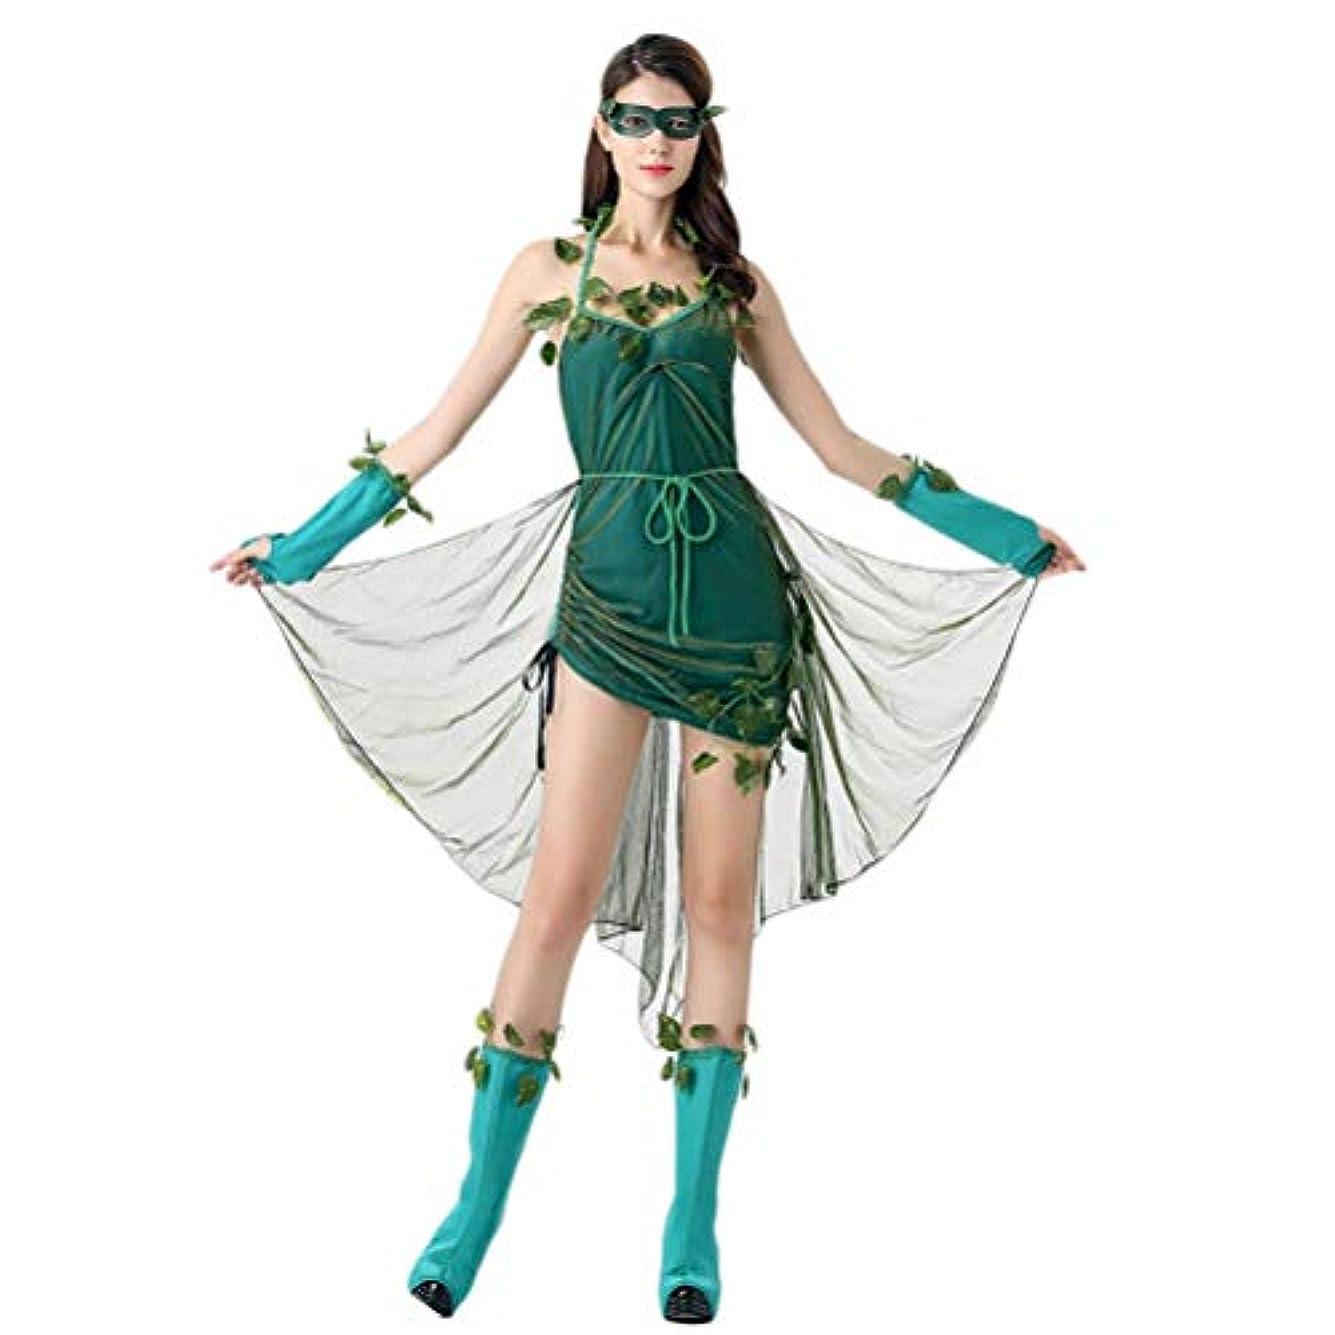 完璧なトラフィック天使BESTOYARD ハロウィンステージの衣装美しいエルフの衣装森の悪魔の女神女性のコスプレ衣装ユニフォームパーティードレススーツ